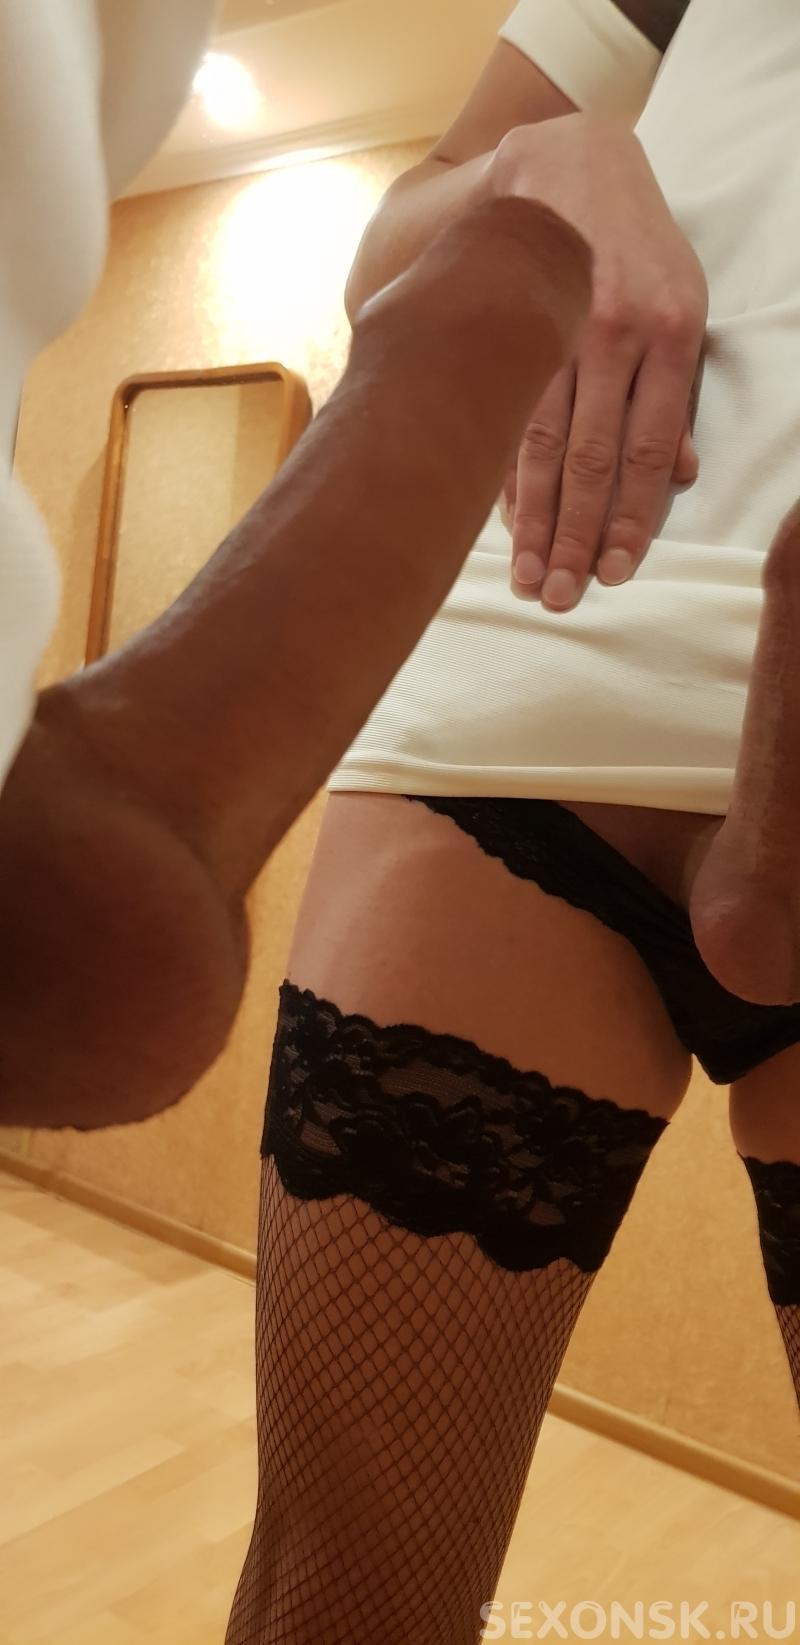 Проститутка МАРГО Транссексуалка - Новосибирск